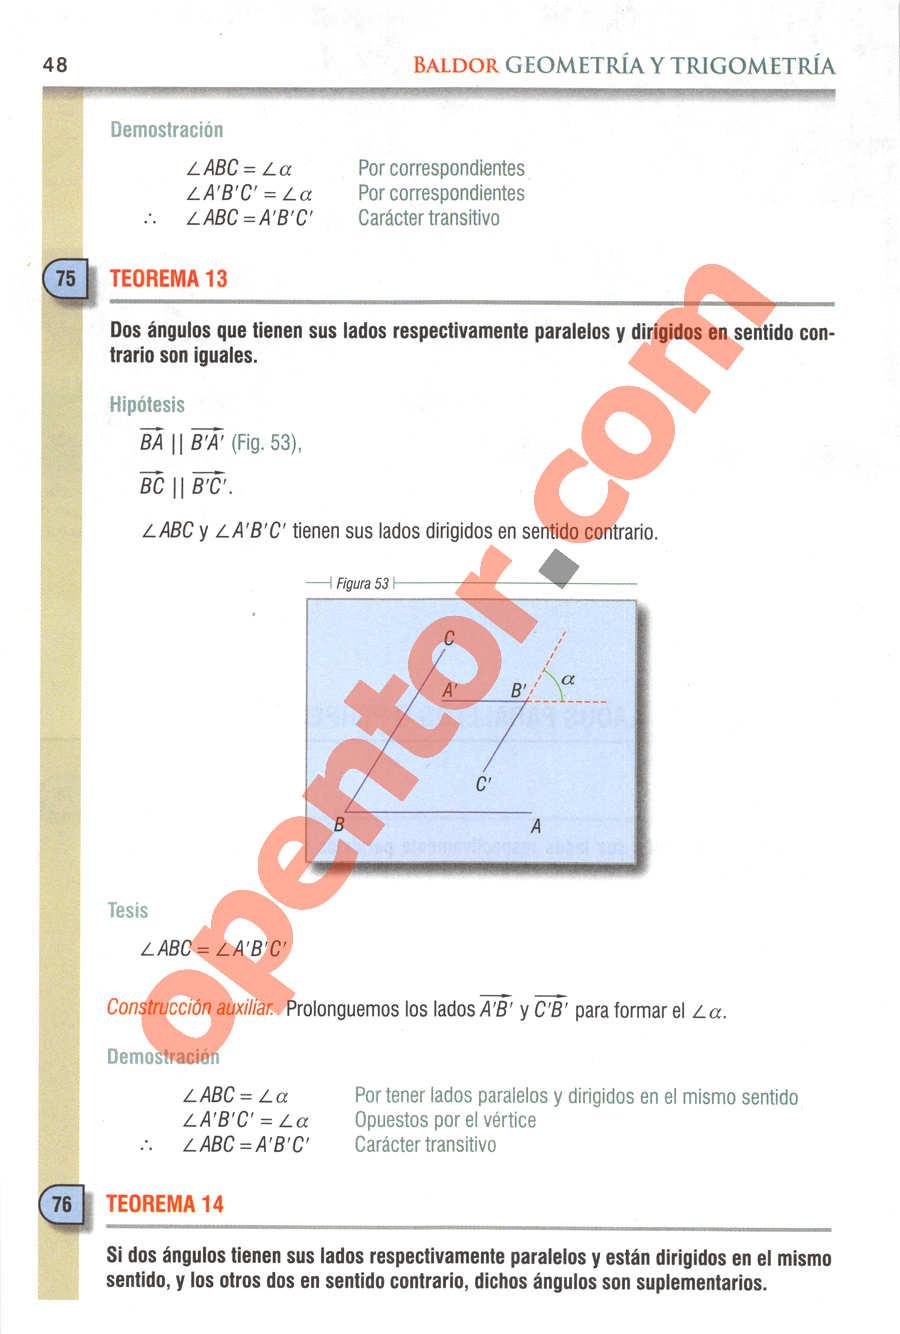 Geometría y Trigonometría de Baldor - Página 48